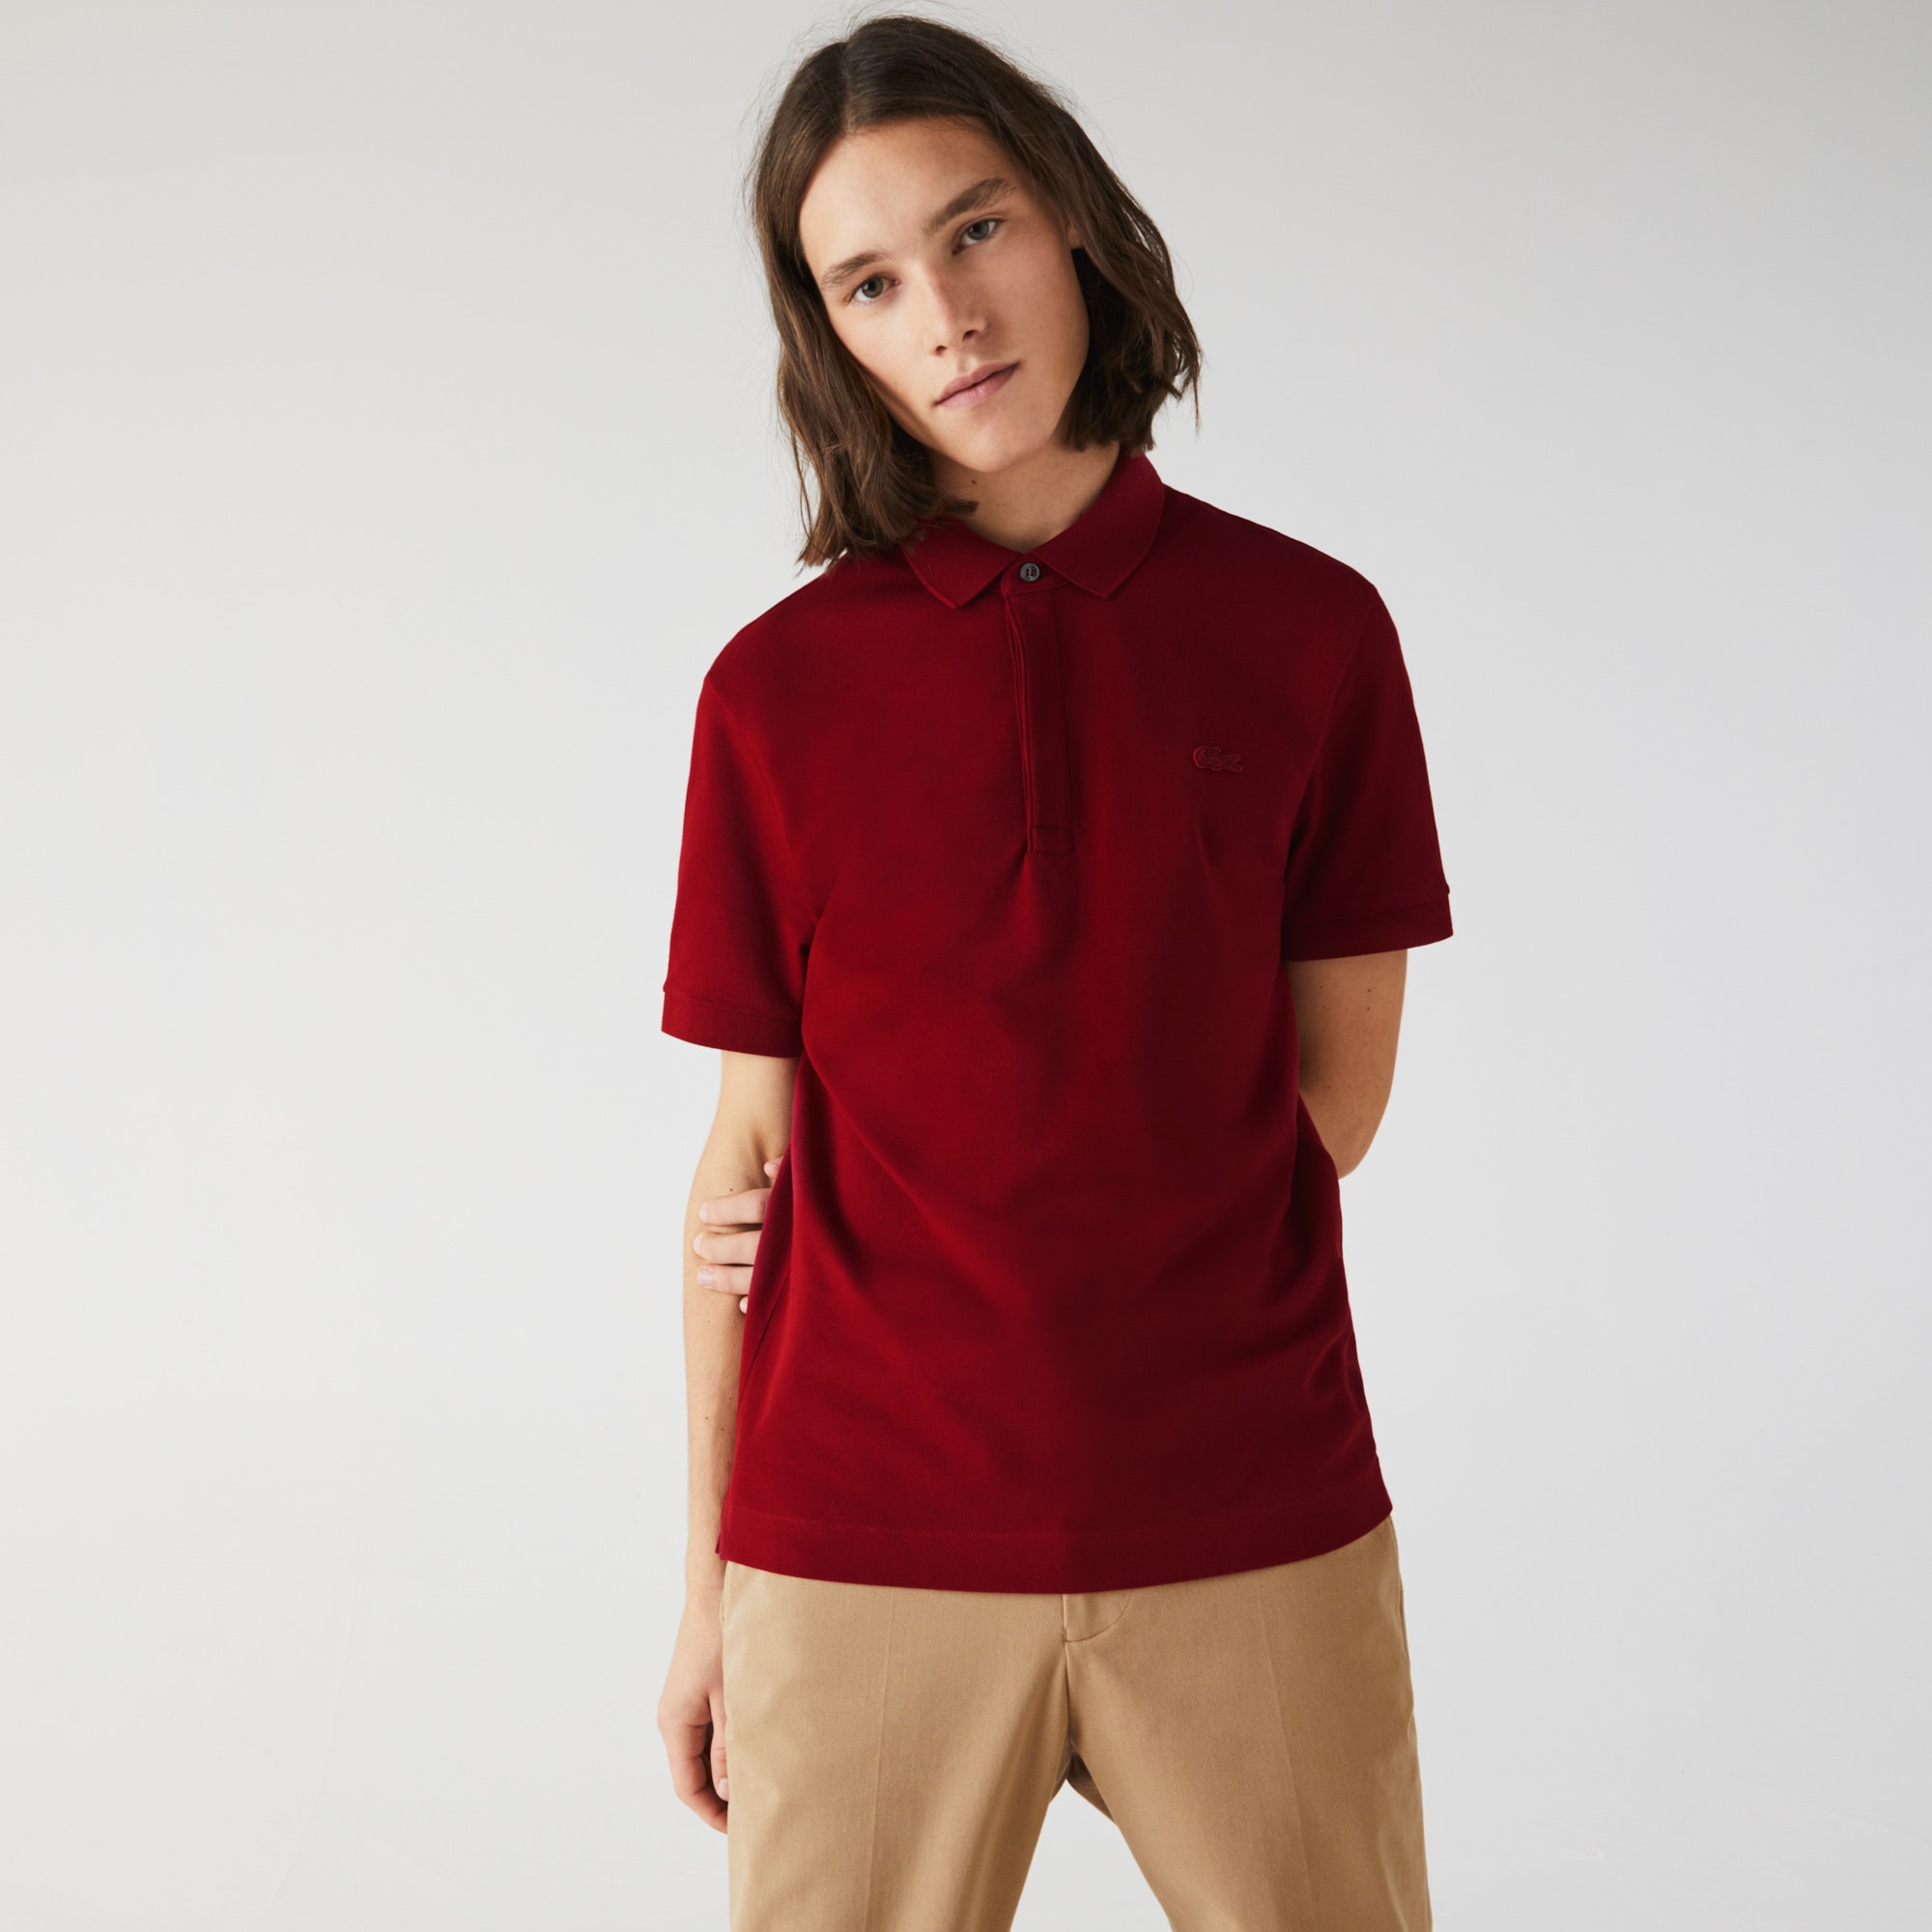 Camisa Polo Lacoste Paris Regular Fit Masculina em Piqué de Algodão Stretch